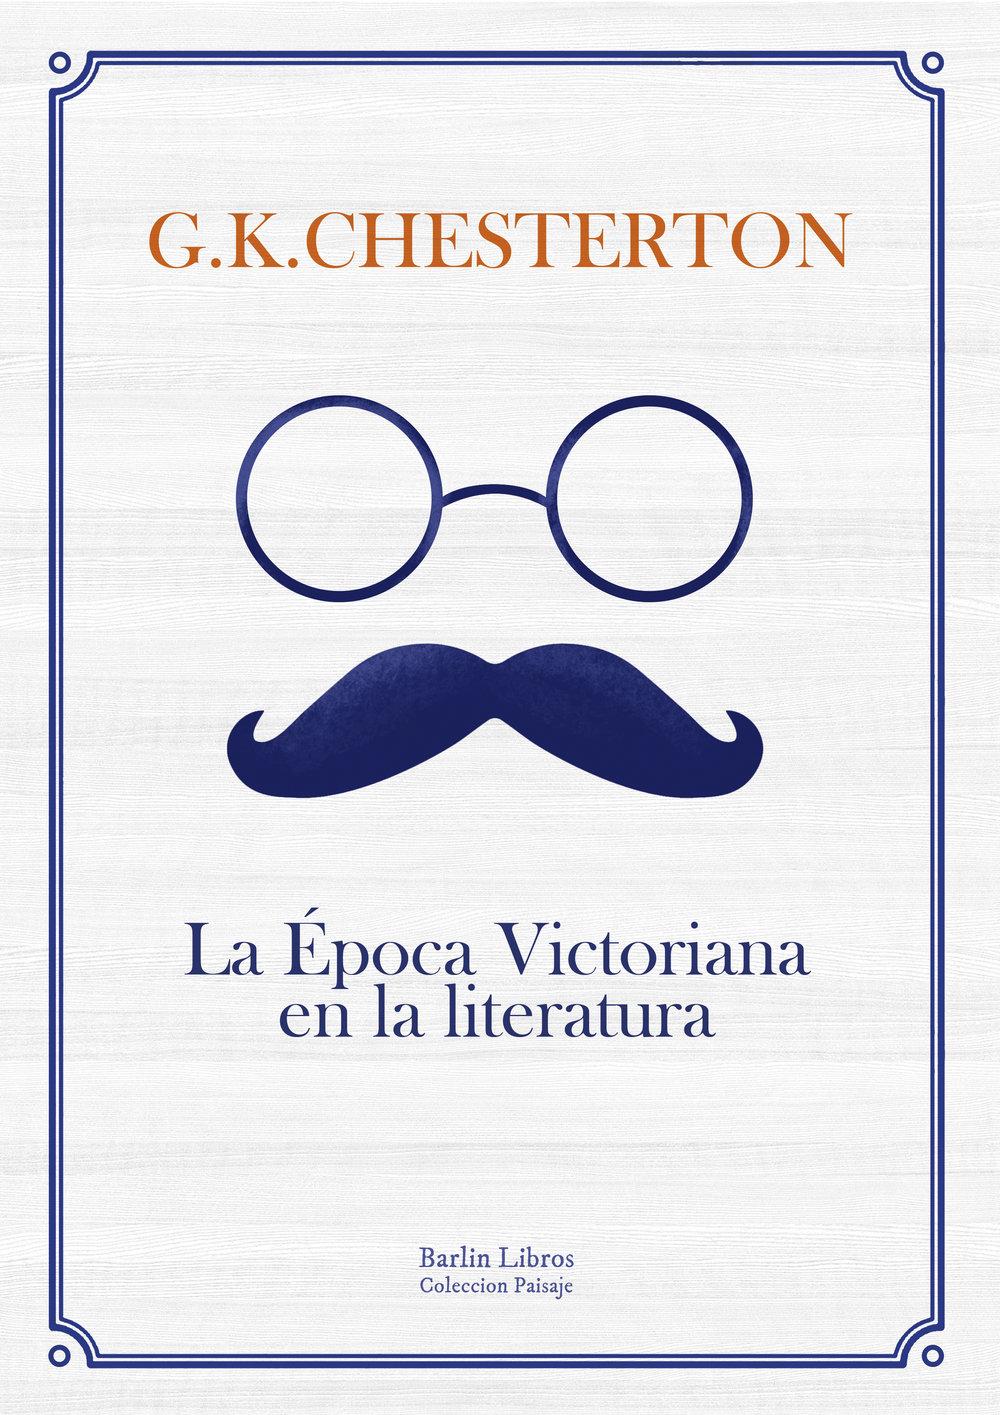 La Época Victoriana en la literatura